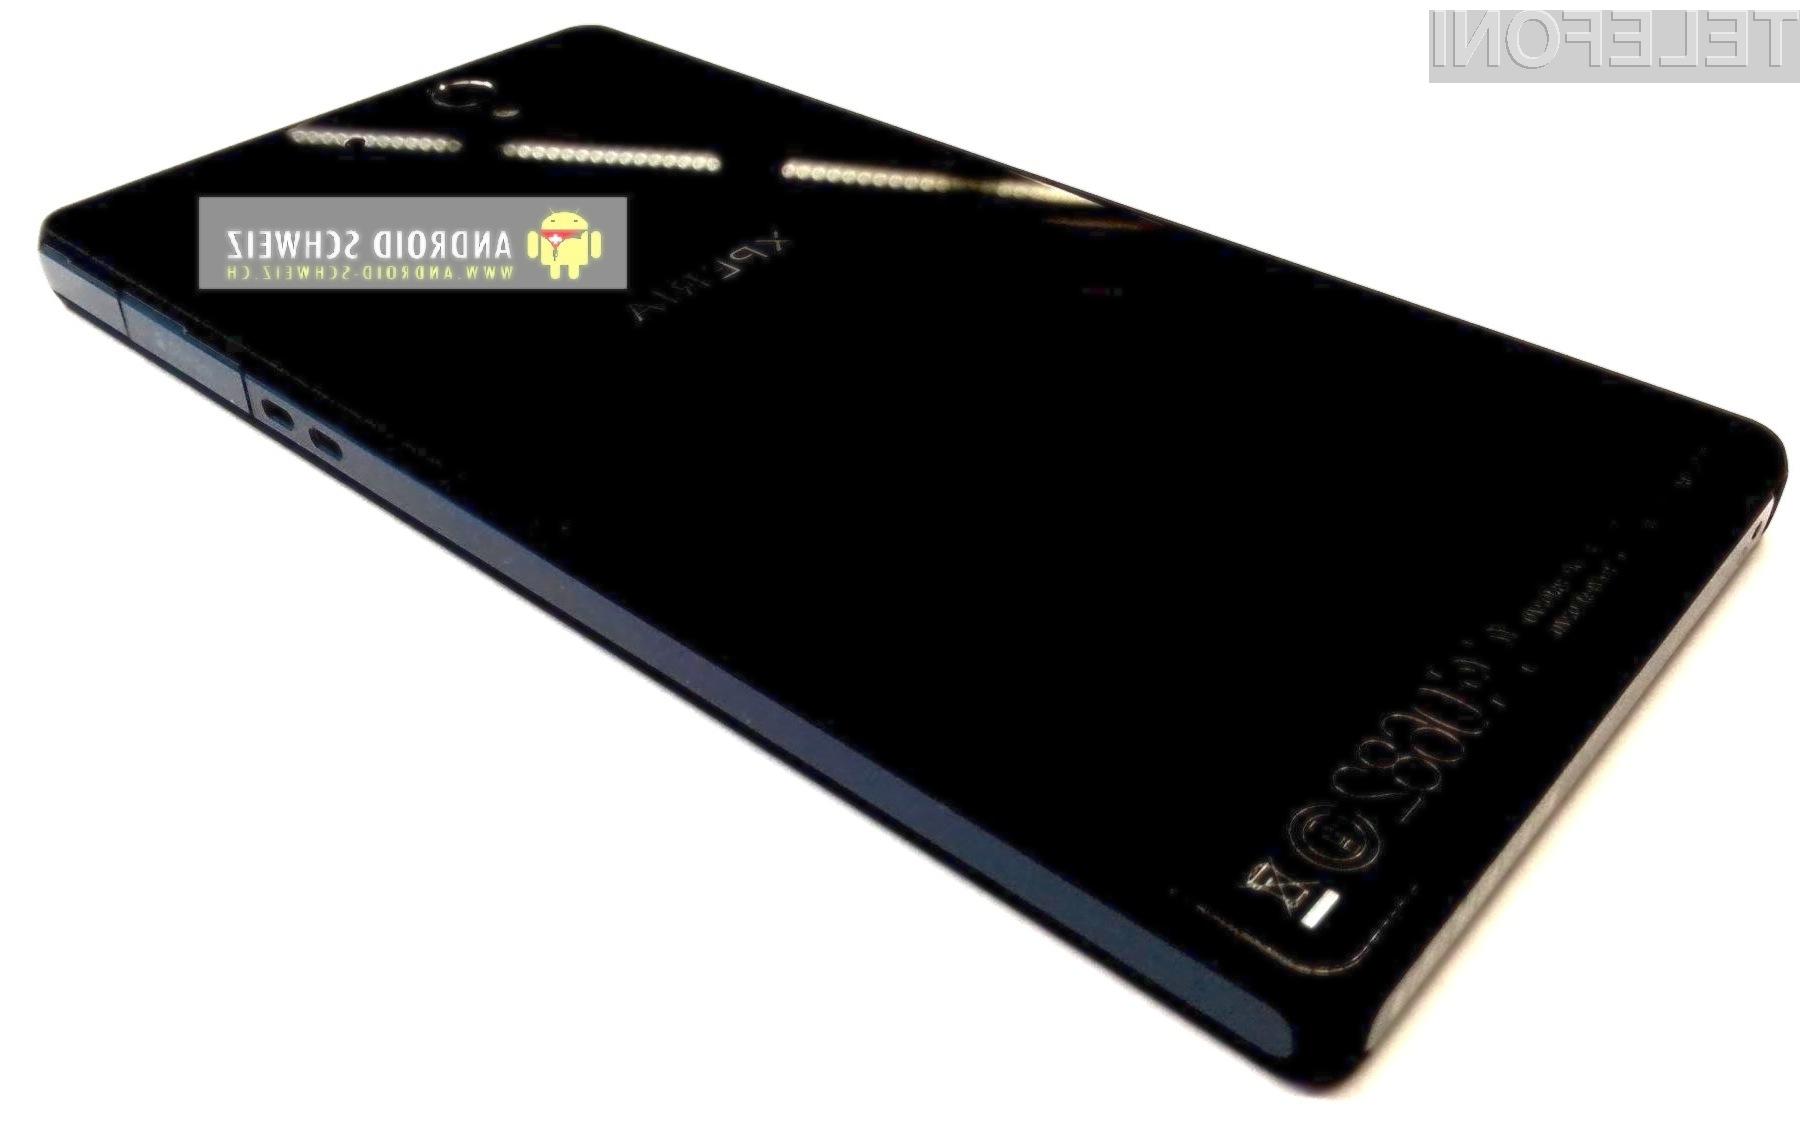 Sony ericsson c6603 3